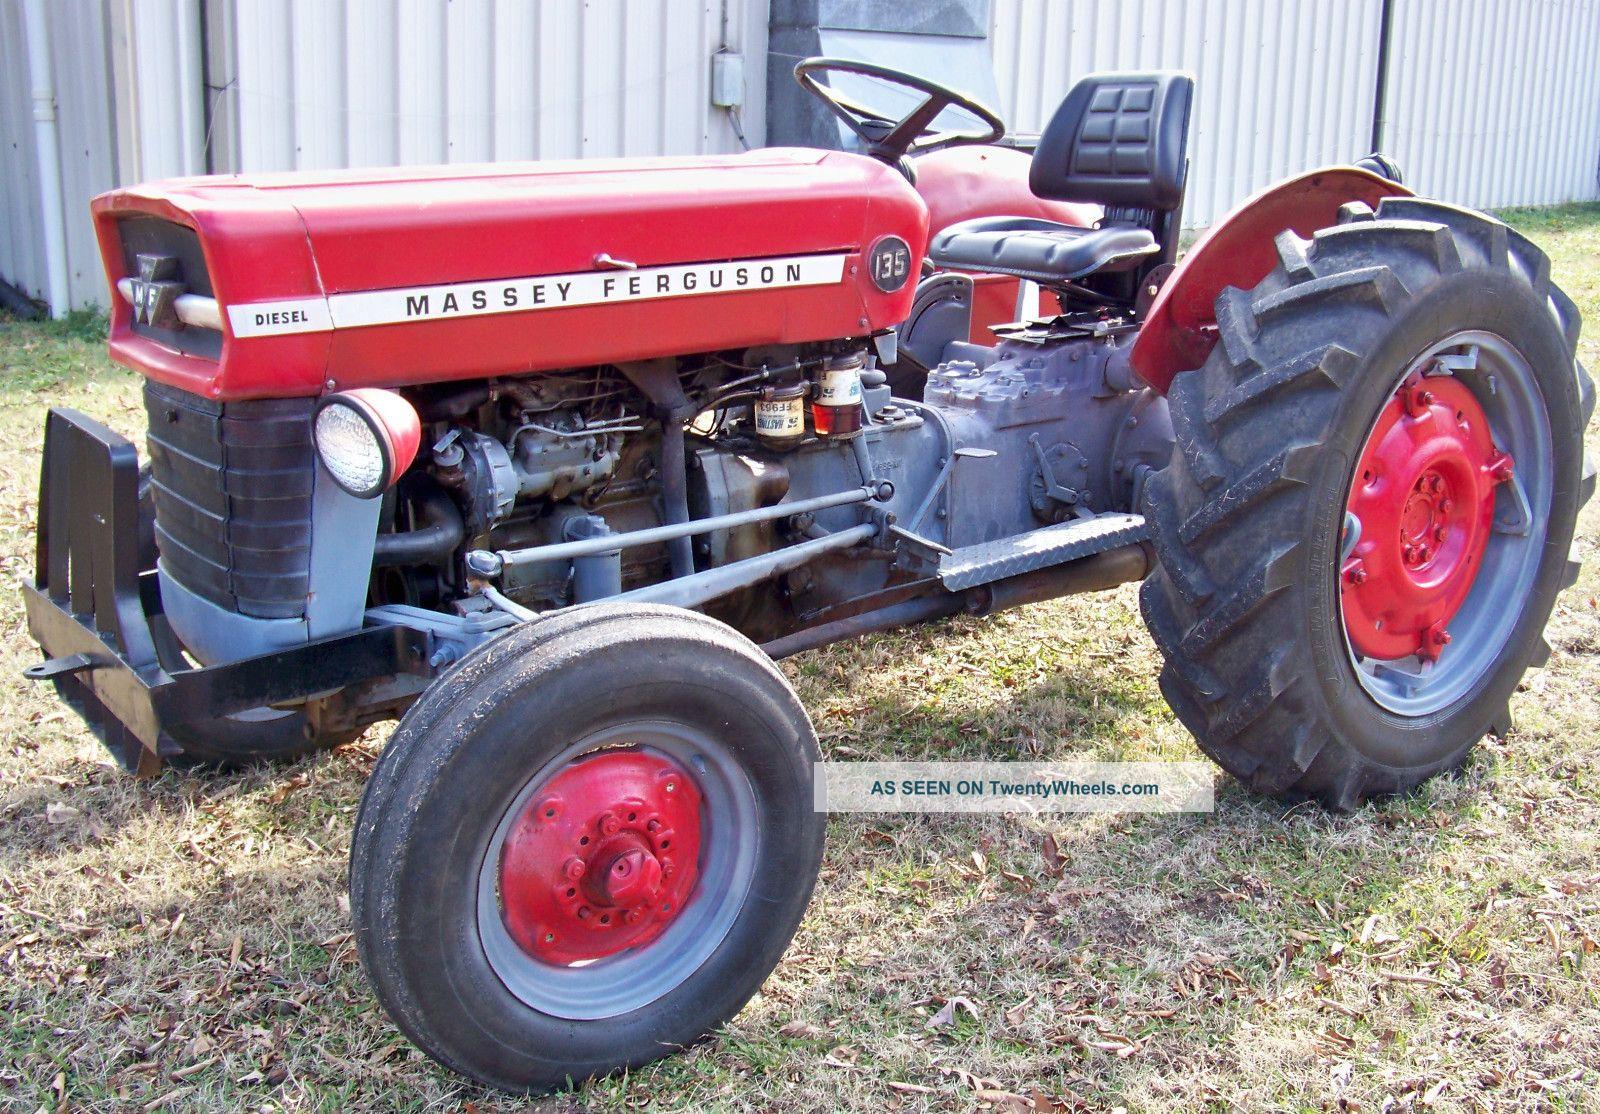 Massey Ferguson 135 Specs : Massey ferguson diesel tractor wd